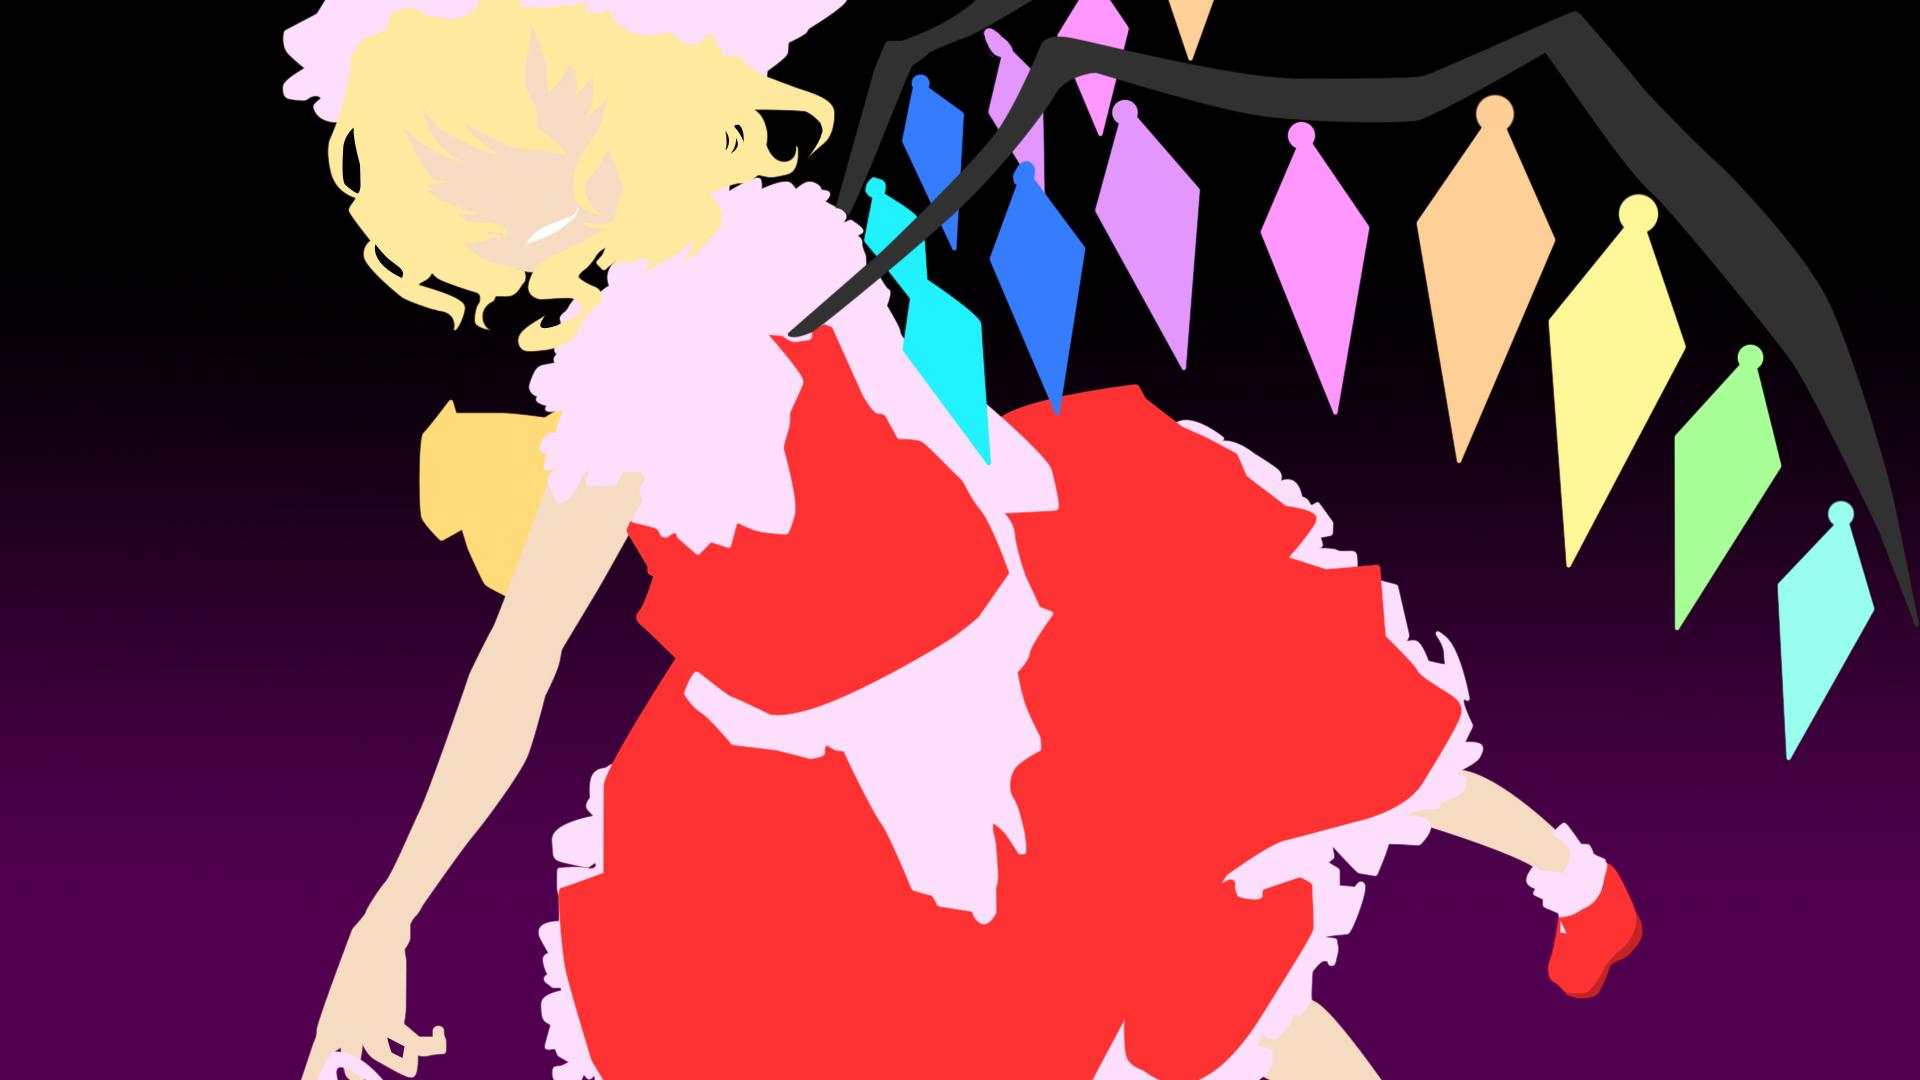 touhou flandre scarlet wallpaper - photo #39